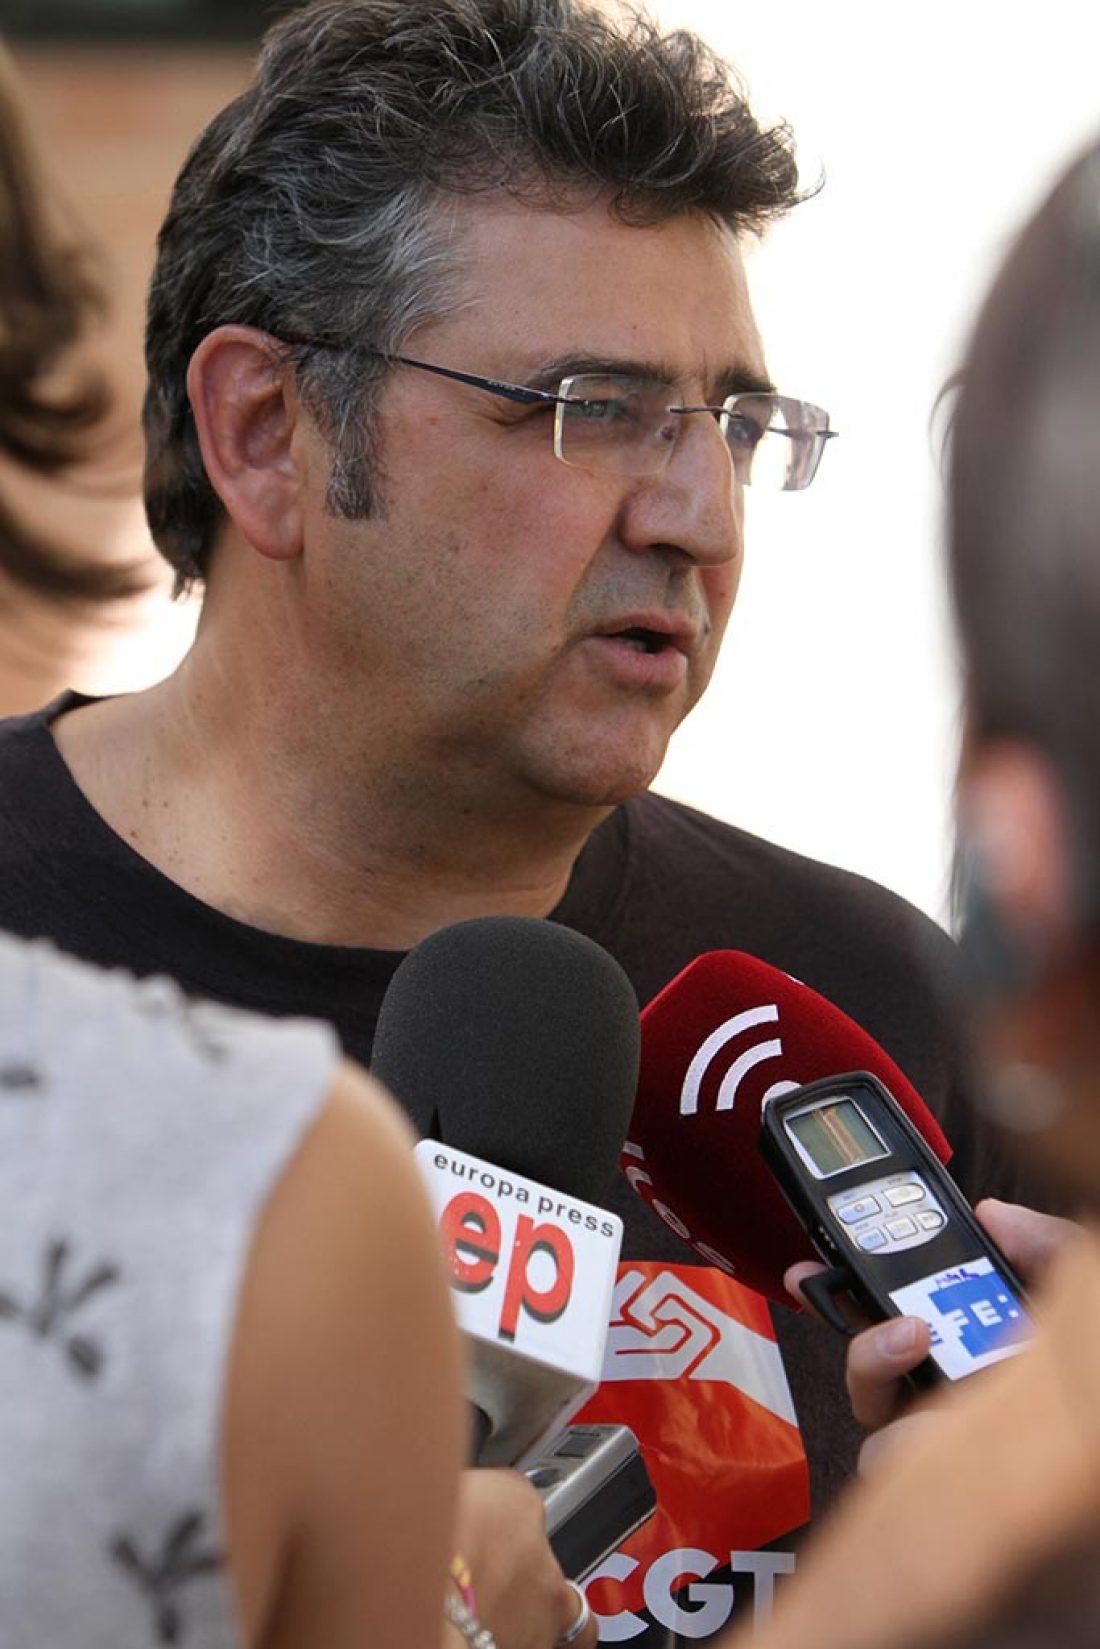 CGT presentó su Convocatoria de Huelga General para el 29 de Septiembre (27/8/2010)